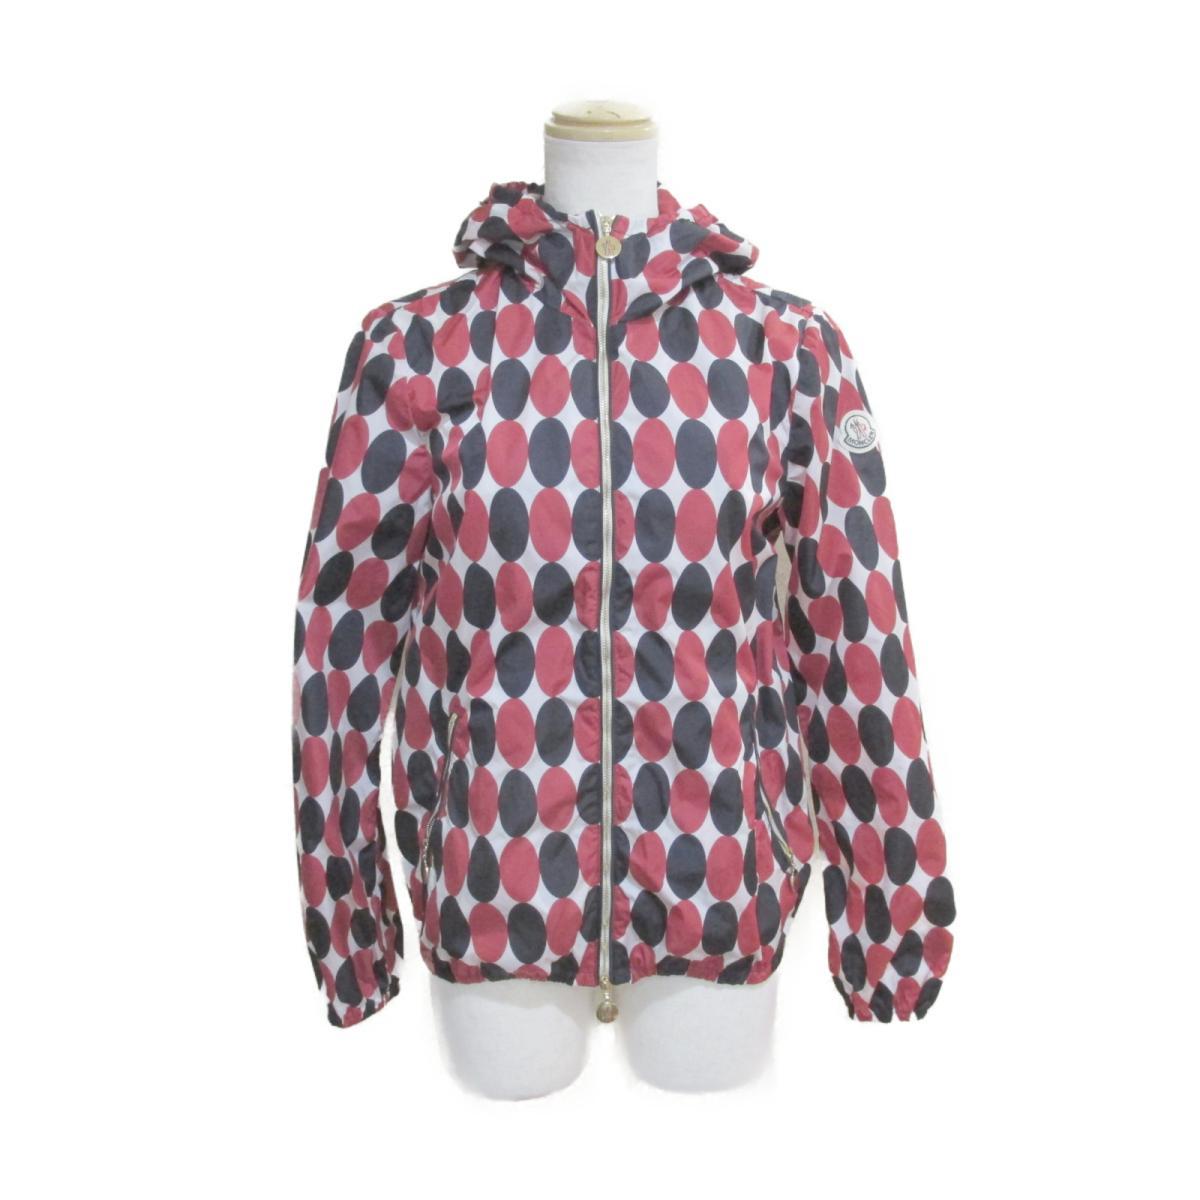 【中古】 モンクレール ブルゾン レディース ナイロン100% ホワイト x レッド ネイビー | MONCLER BRANDOFF ブランドオフ 衣料品 衣類 ブランド アウター ジャケット コート